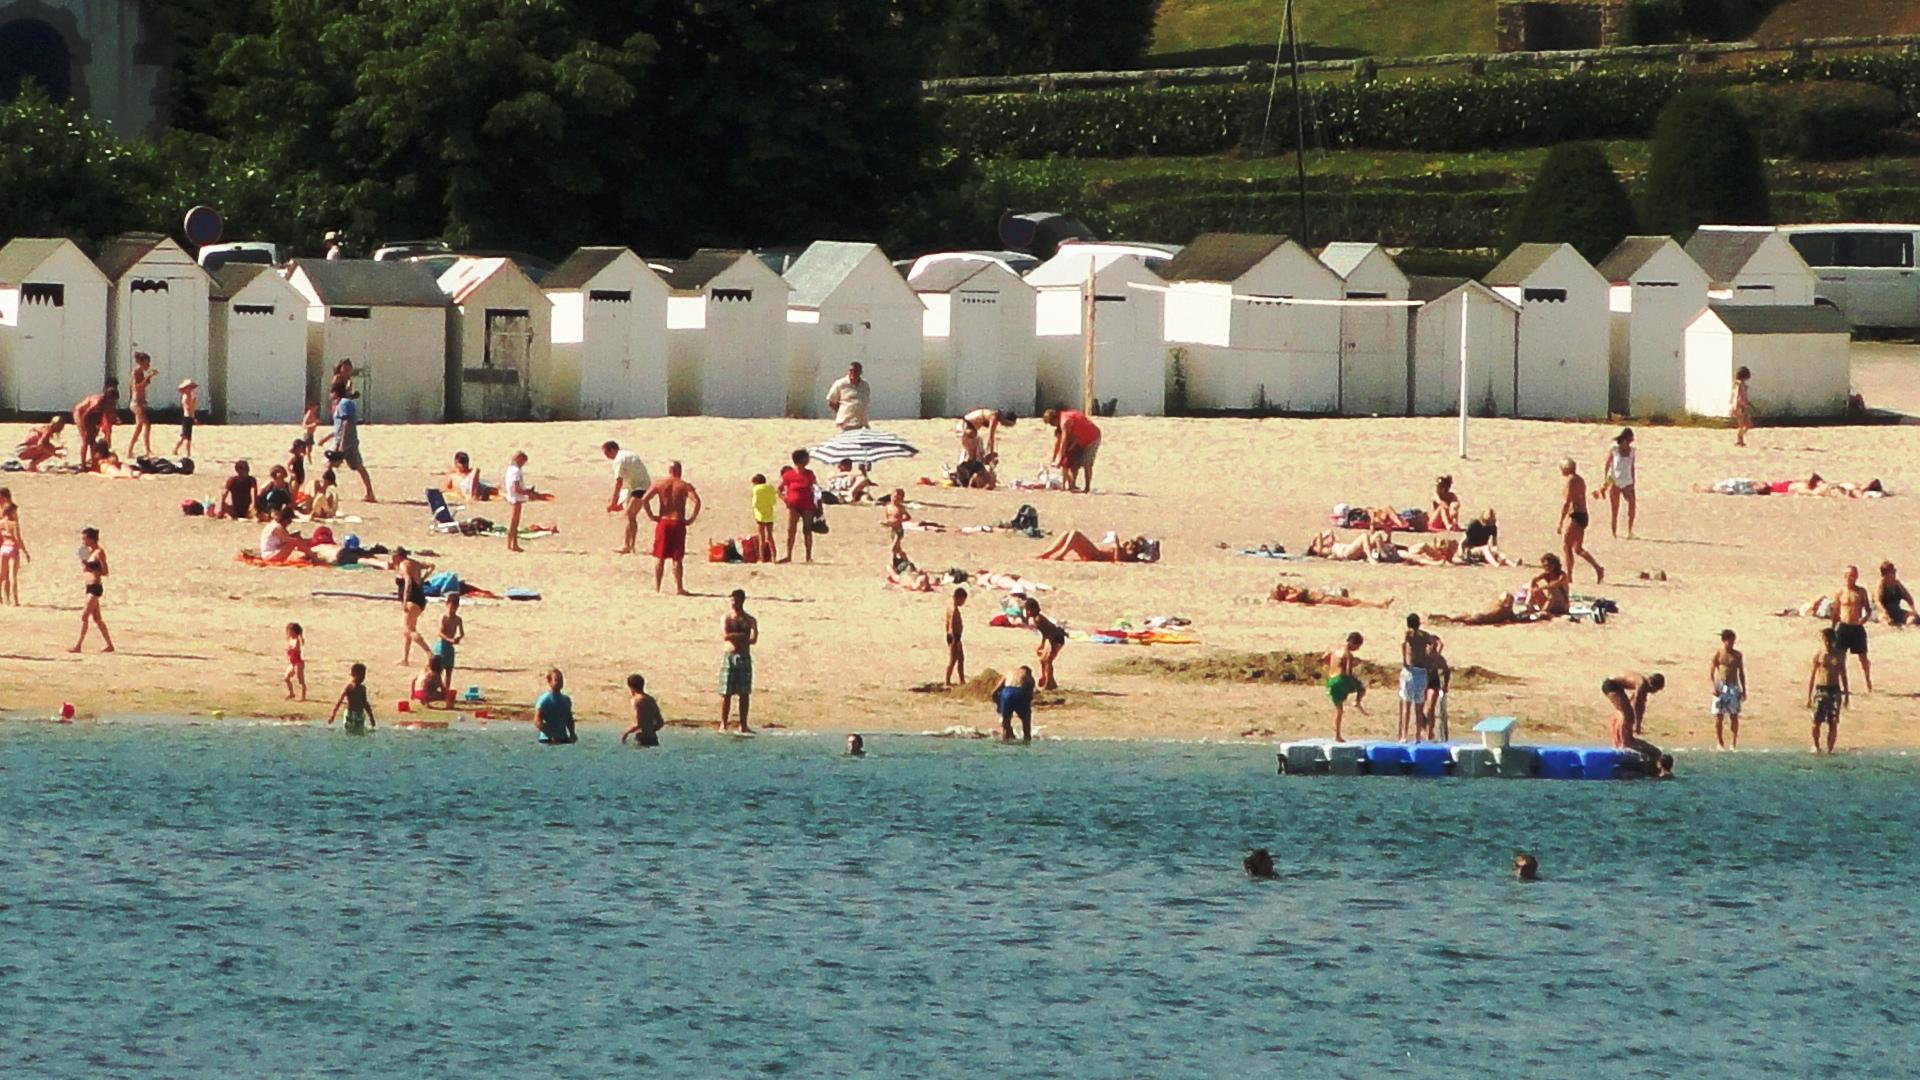 Les cabines de plage de Port Manech